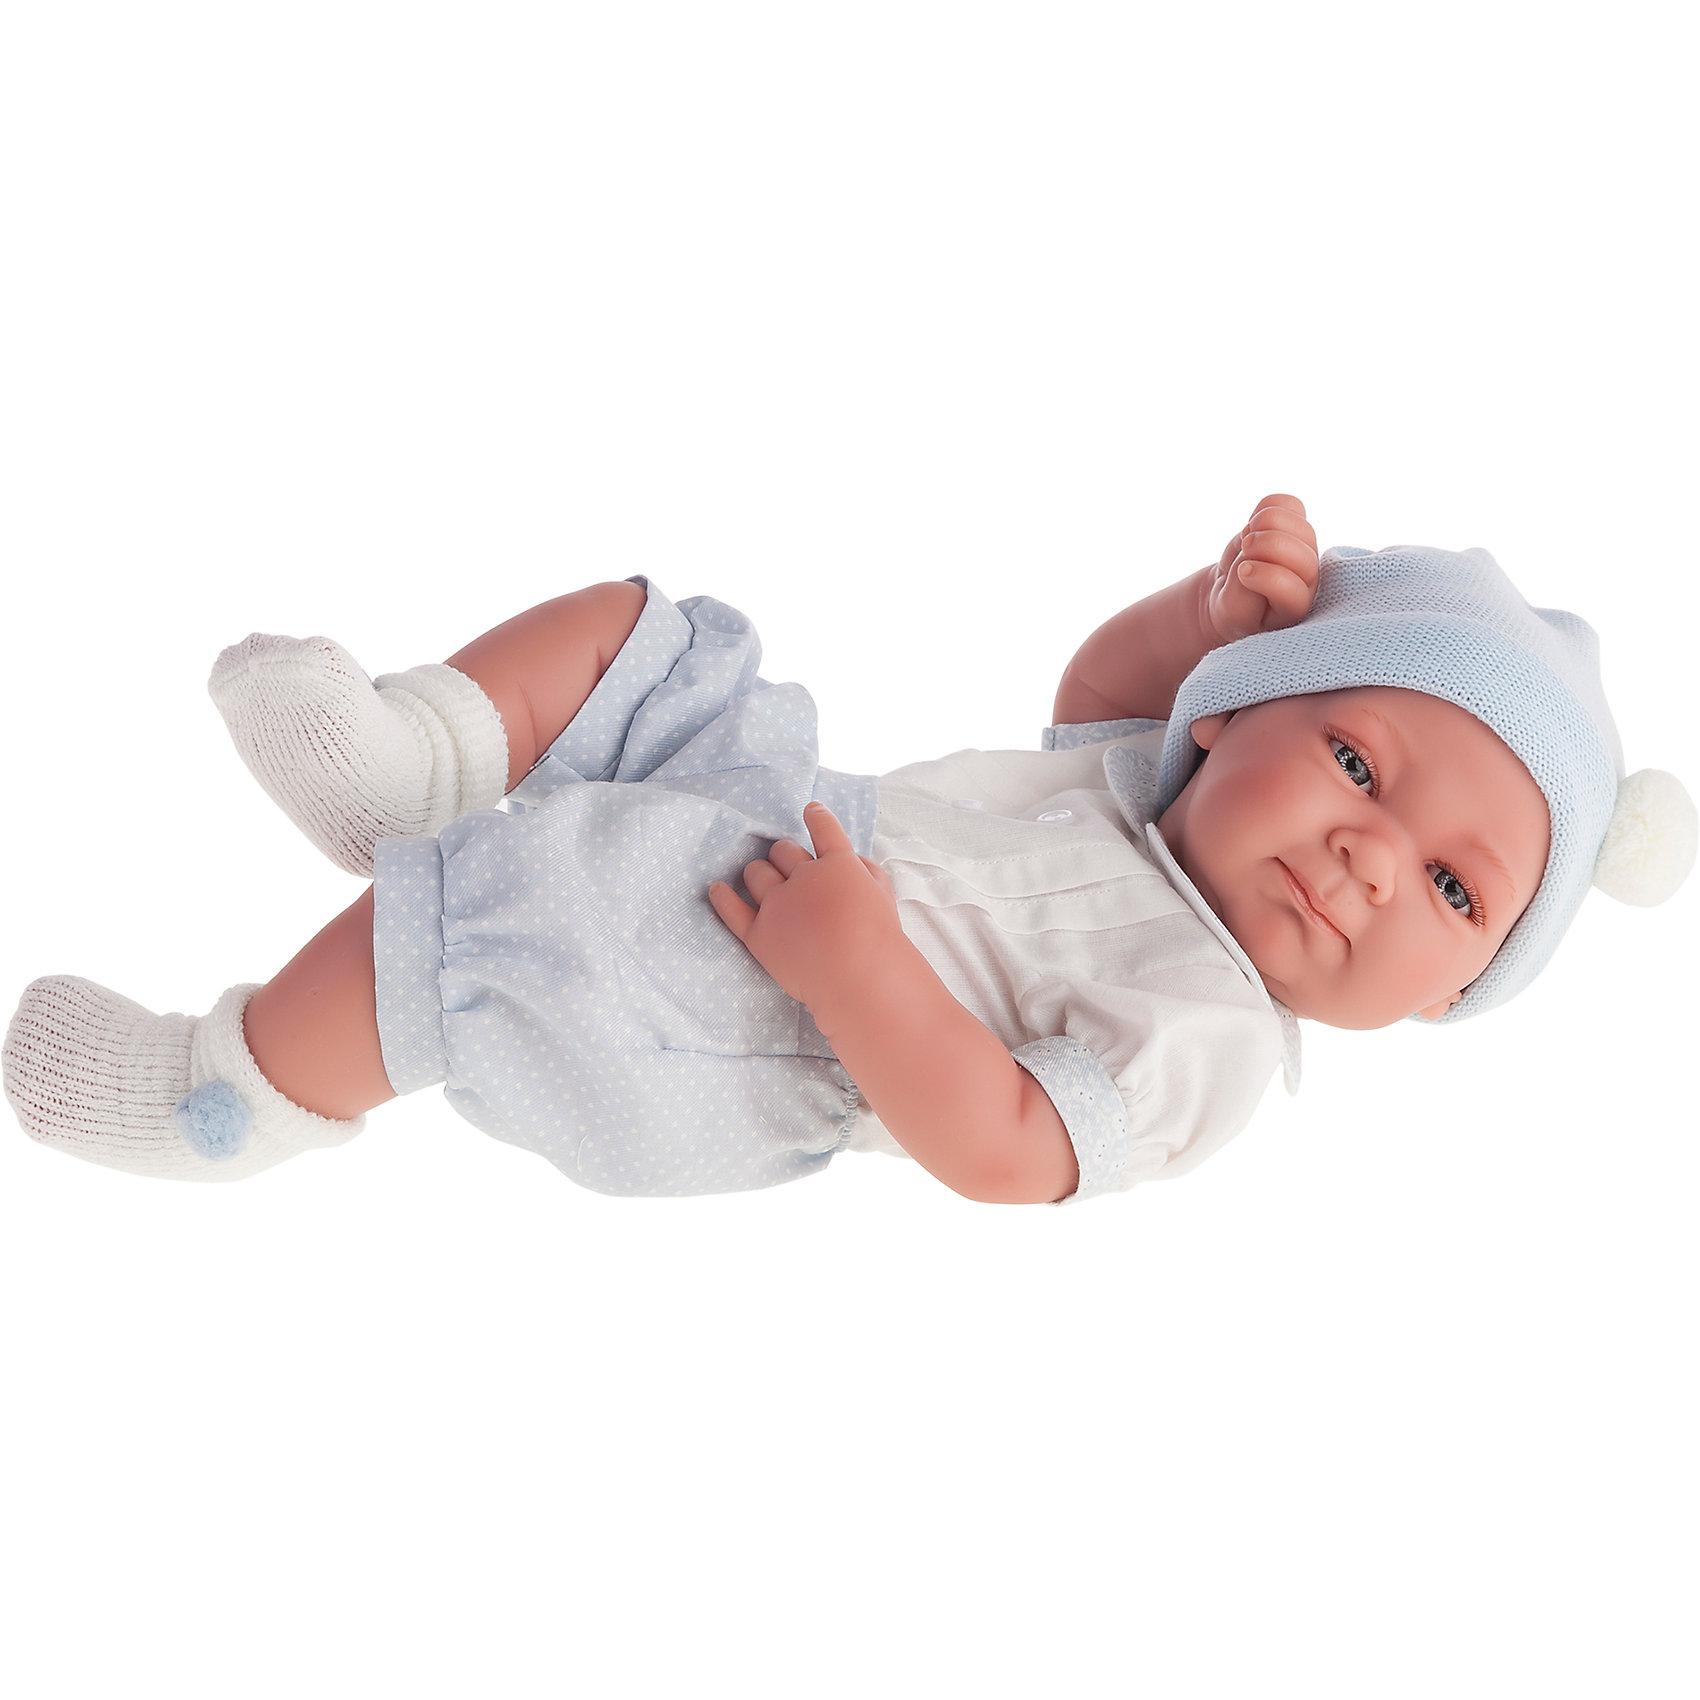 Кукла-младенец Оли (мальчик) в голубом, 42 см, Munecas Antonio JuanКукла-младенец Оли (мальчик) в голубом, 42 см, Munecas Antonio Juan (Мунекас от Антонио Хуан) ? это очаровательный малыш от всемирно известного испанского бренда Мунекас от Антонио Хуан, который знаменит своими реалистичными куклами. Кукла изготовлена из винила высшего качества, ручки и ножки подвижны, голова поворачивается в стороны, глазки не закрываются. <br>Нежные черты лица, розовые щечки, пухленькие губки, курносый носик.  <br>Кукла-младенец Оли (мальчик) в голубом, 42 см, Munecas Antonio Juan (Мунекас от Антонио Хуан) разработана с учетом анатомических особенностей и мимики младенцев. Играя с пупсом, ваш ребенок реалистично проживает роль «мамы», учится ухаживать за малышом, заботиться о нем.<br>У малыша Оли стильный наряд: голубой комбинезончик, белые носочки и голубая шапочка.<br>Куклы JUAN ANTONIO munecas (Мунекас от Антонио Хуан) ? мечта девочки любого возраста!<br><br>Дополнительная информация:<br><br>- Вид игр: сюжетно-ролевые игры <br>- Материал: винил, текстиль<br>- Высота куклы: 42 см<br>- Вес: 3 кг 650 г<br>- Особенности ухода: одежда ? ручная стирка, куклу можно купать <br><br>Подробнее:<br><br>• Для детей в возрасте: от 3 лет и до 6 лет<br>• Страна производитель: Испания<br>• Торговый бренд: JUAN ANTONIO munecas <br><br>Куклу-младенца Оли (мальчик) в голубом, 42 см, Munecas Antonio Juan (Мунекас от Антонио Хуан) (Мунекас от Антонио Хуан) можно купить в нашем интернет-магазине.<br><br>Ширина мм: 505<br>Глубина мм: 265<br>Высота мм: 160<br>Вес г: 3650<br>Возраст от месяцев: 36<br>Возраст до месяцев: 72<br>Пол: Женский<br>Возраст: Детский<br>SKU: 4792891